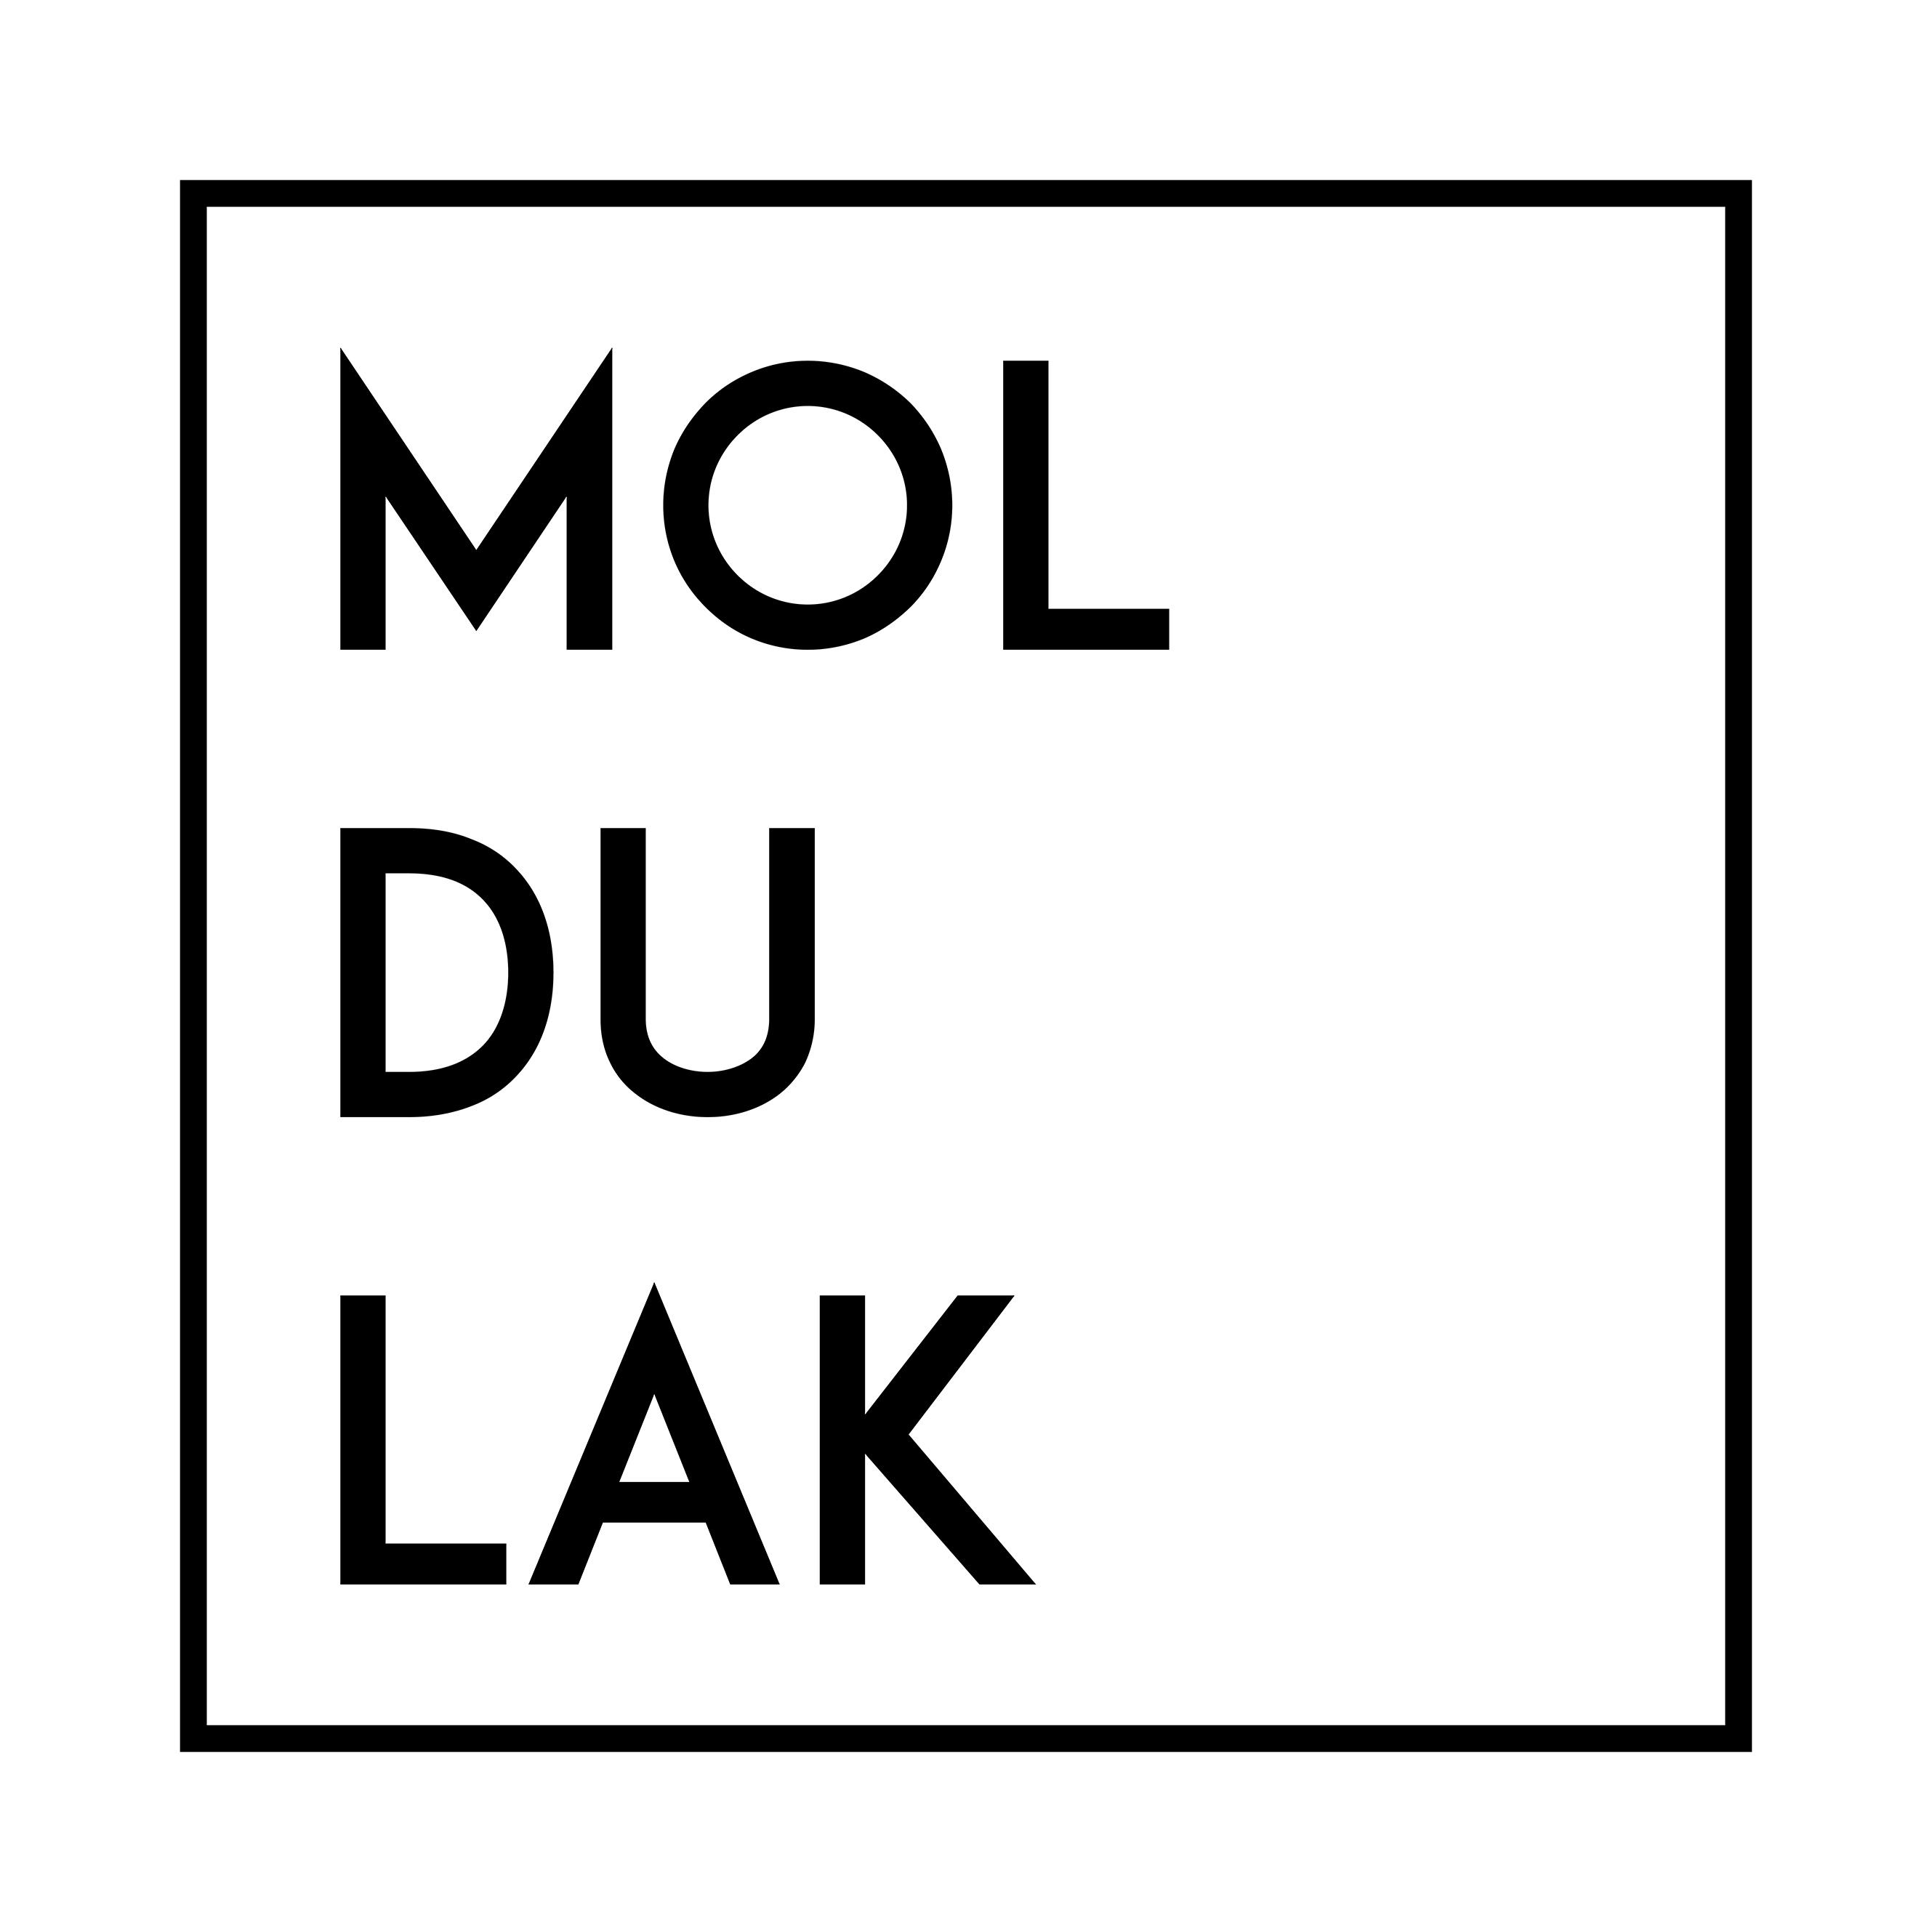 Moldulak molduras